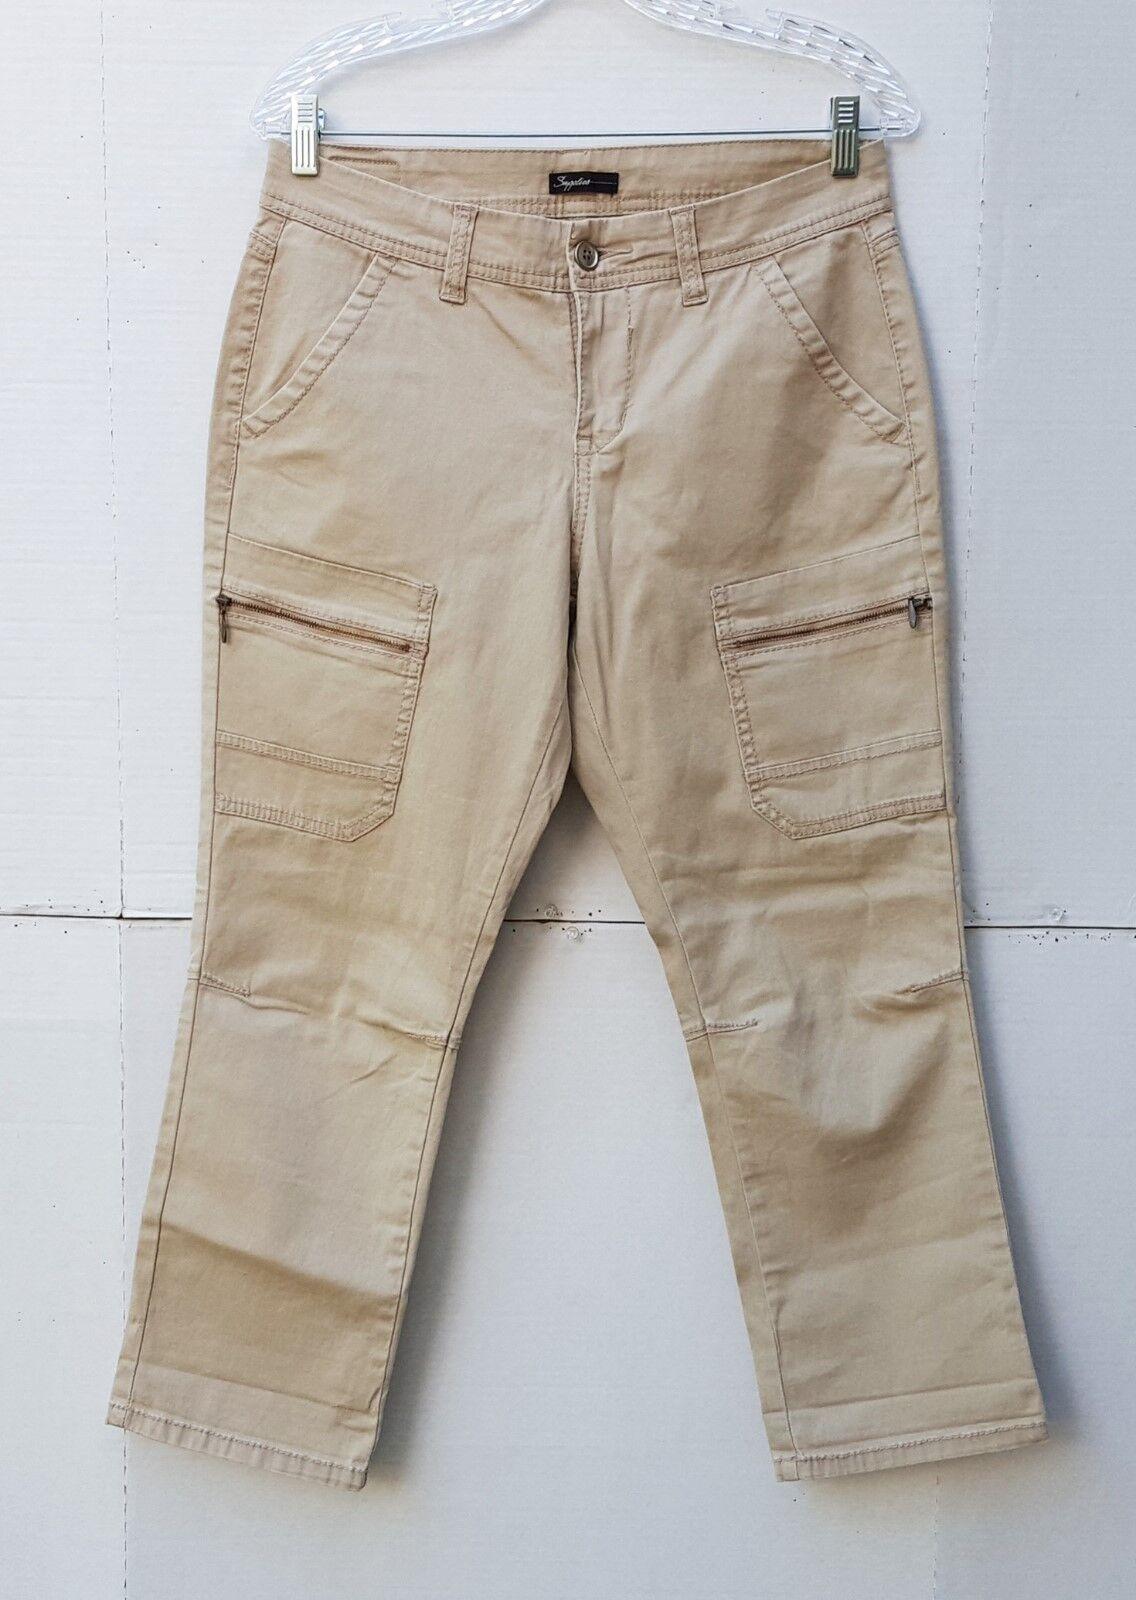 Skinny Stretch Cargo Capri Cropped Pants Size 10 Khaki